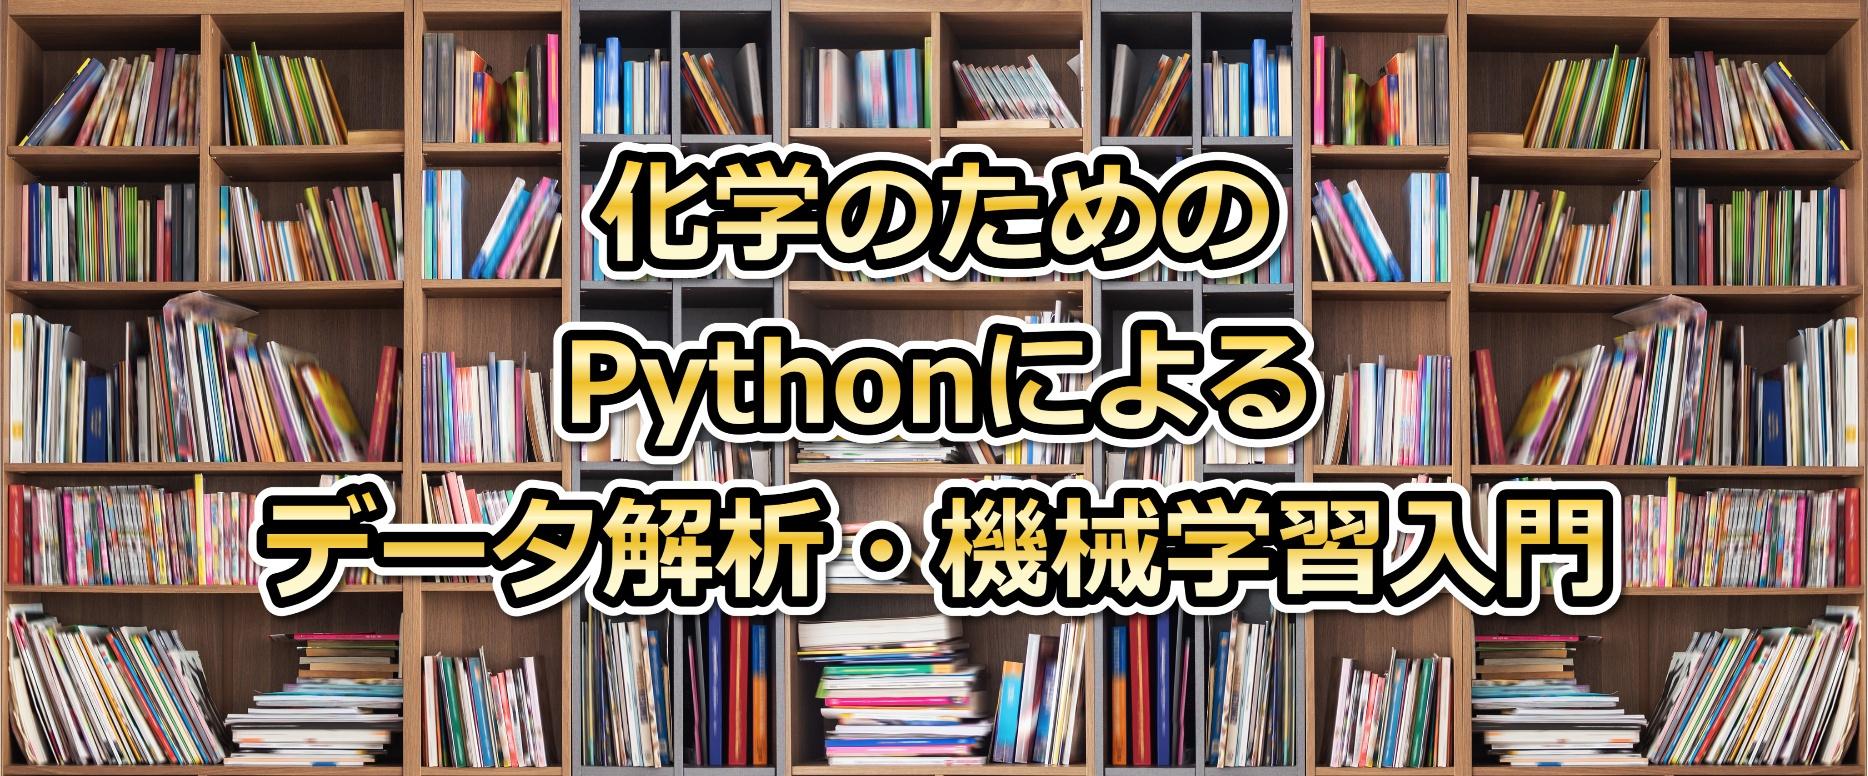 化学のためのPython